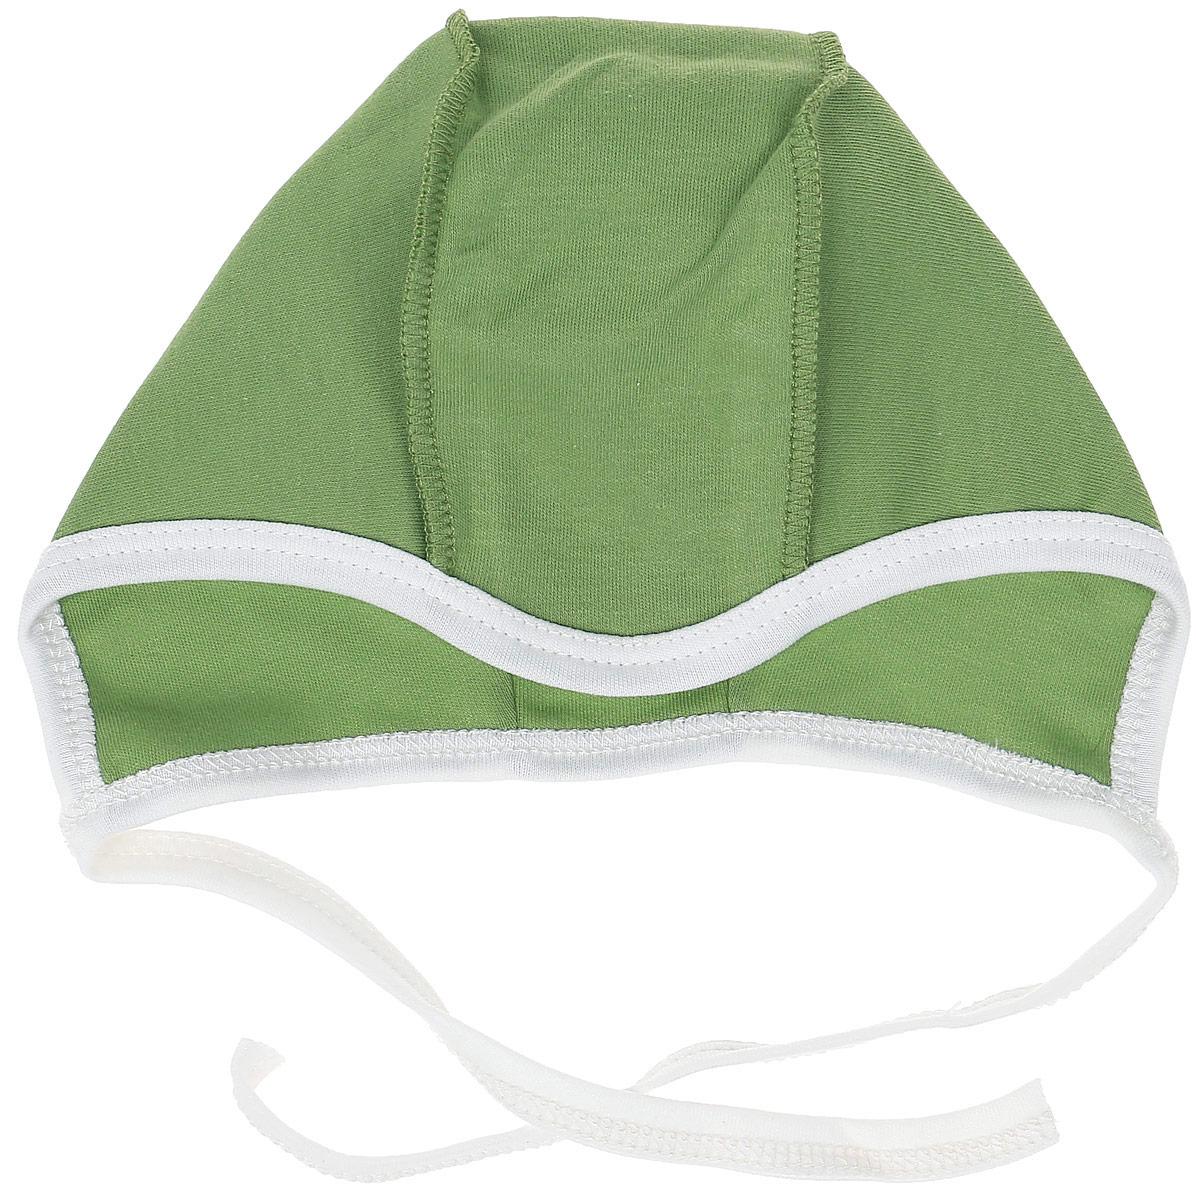 Чепчик для мальчика КотМарКот, цвет: зеленый. 8265. Размер 40, 1-3 месяца чепчик для девочки котмаркот цвет желтый 8262 размер 48 6 12 месяцев